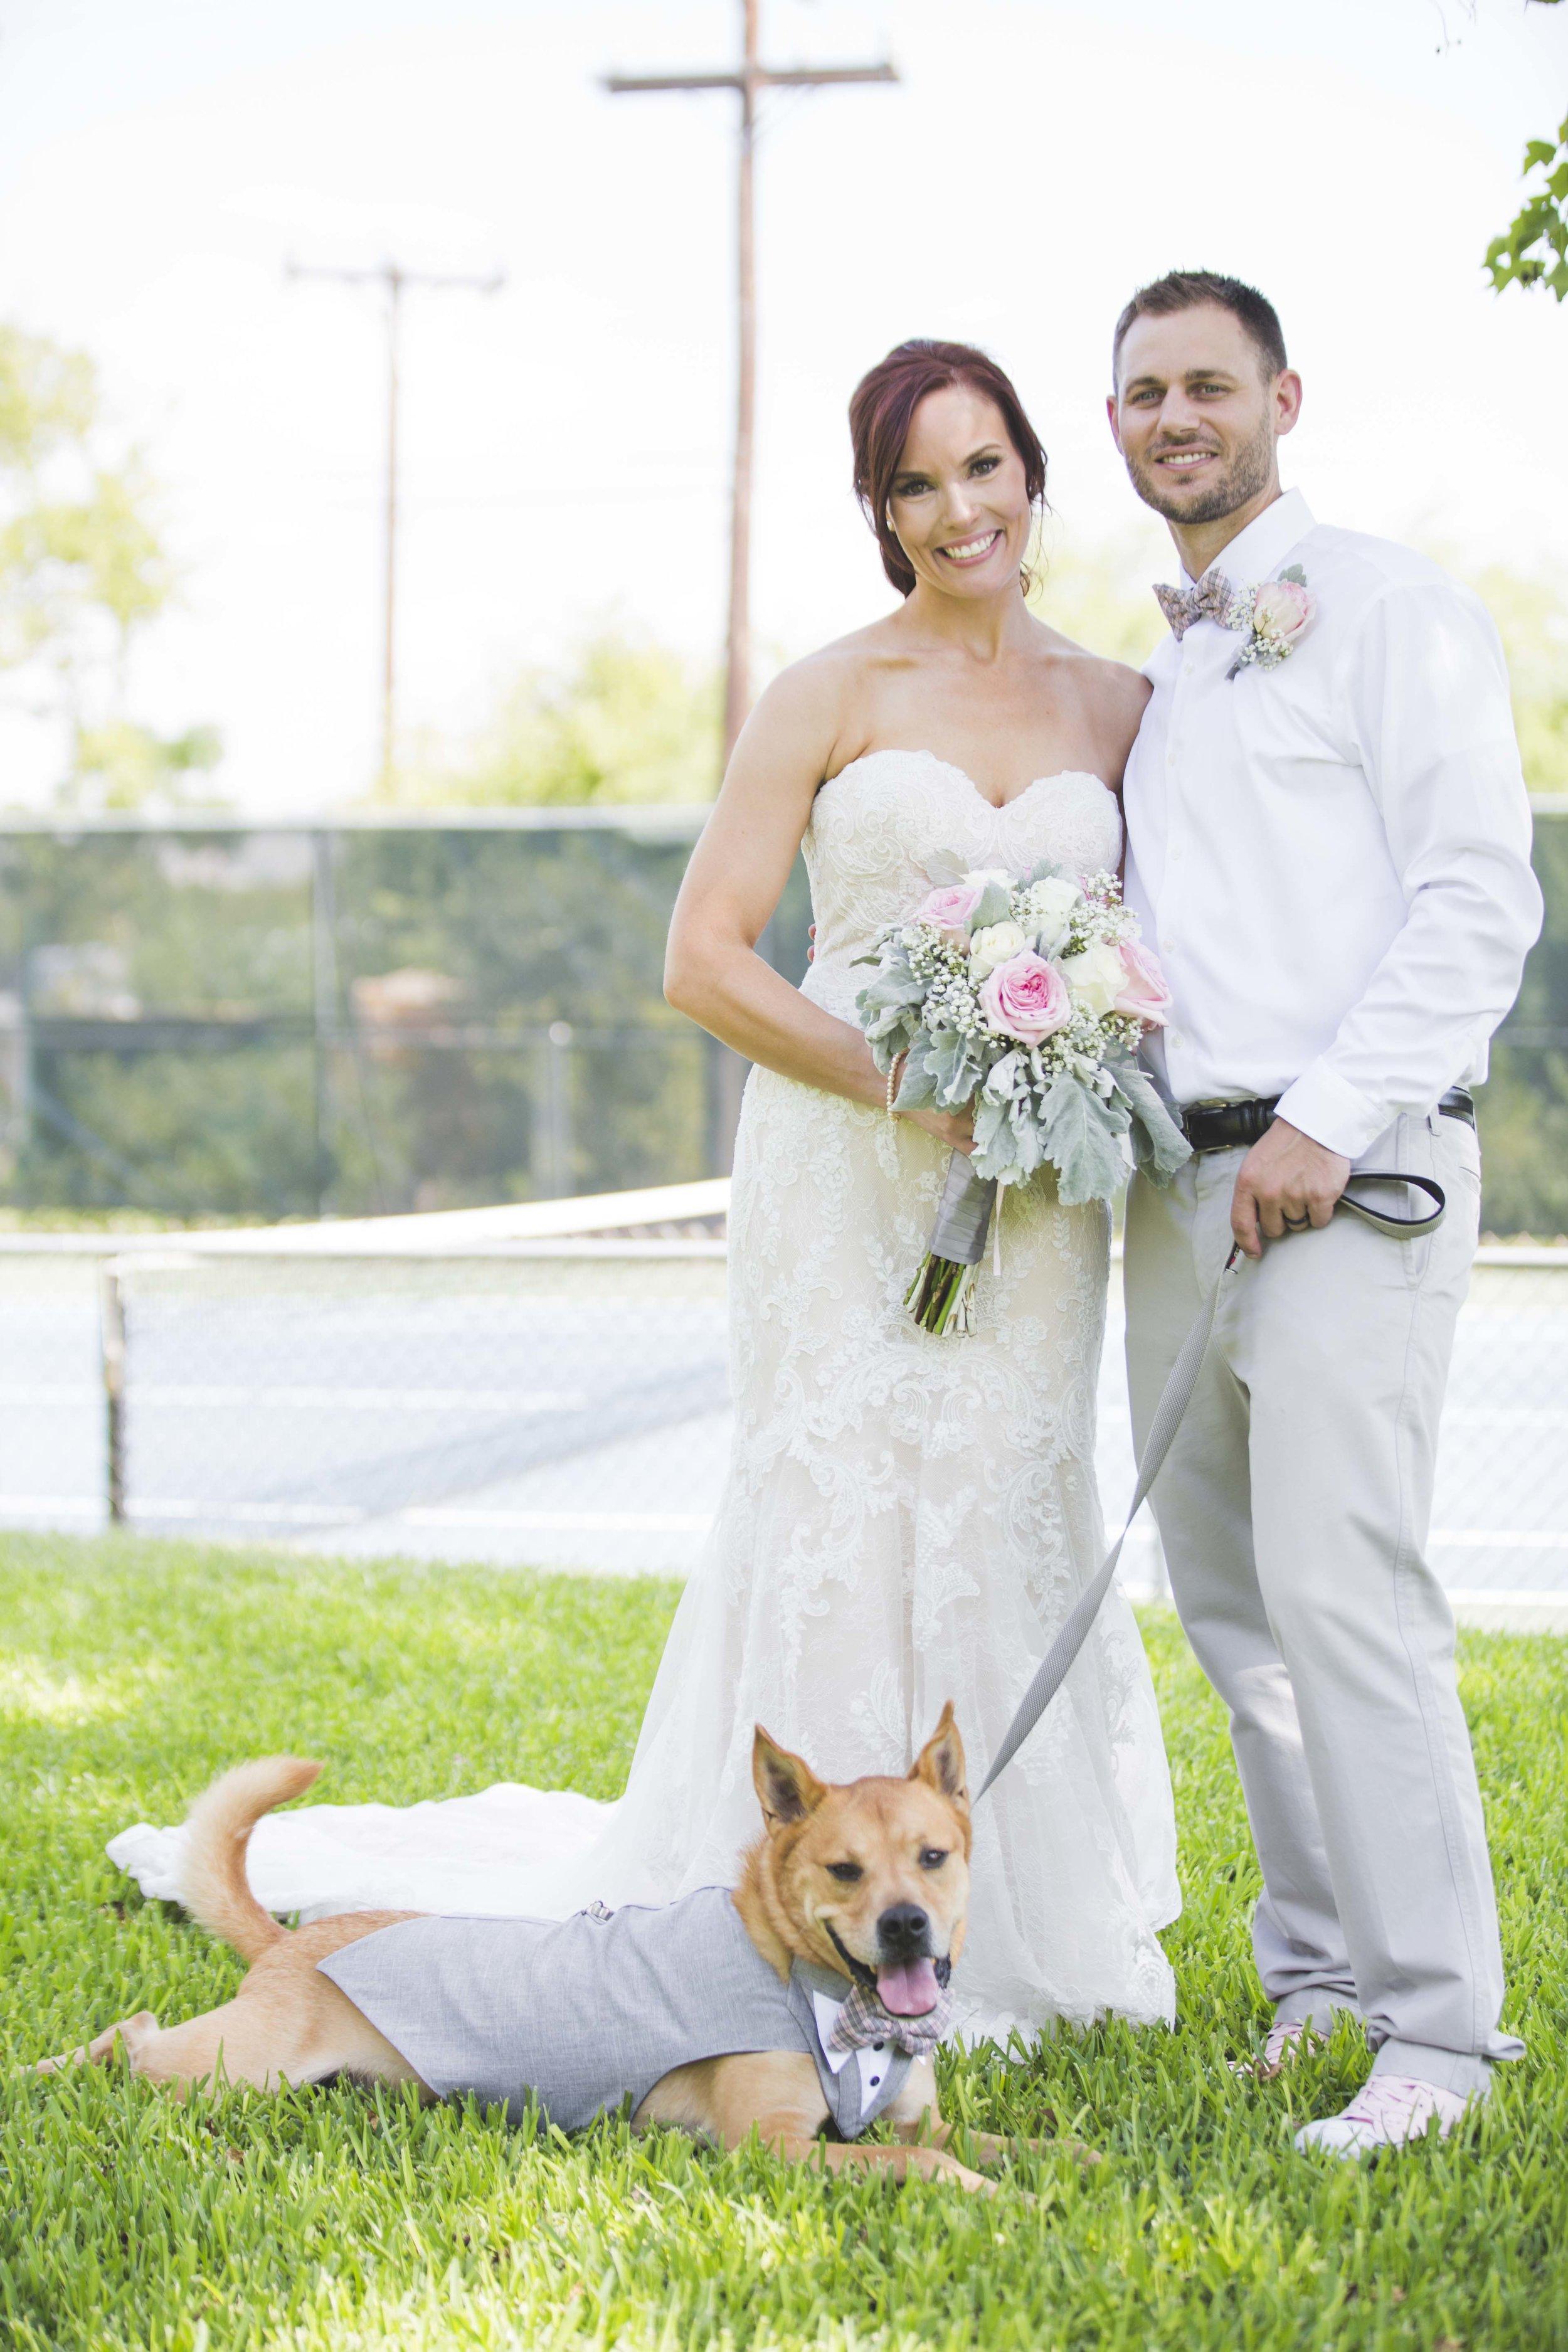 ATGI_Susanna & Matt Wedding_717A7925.jpg